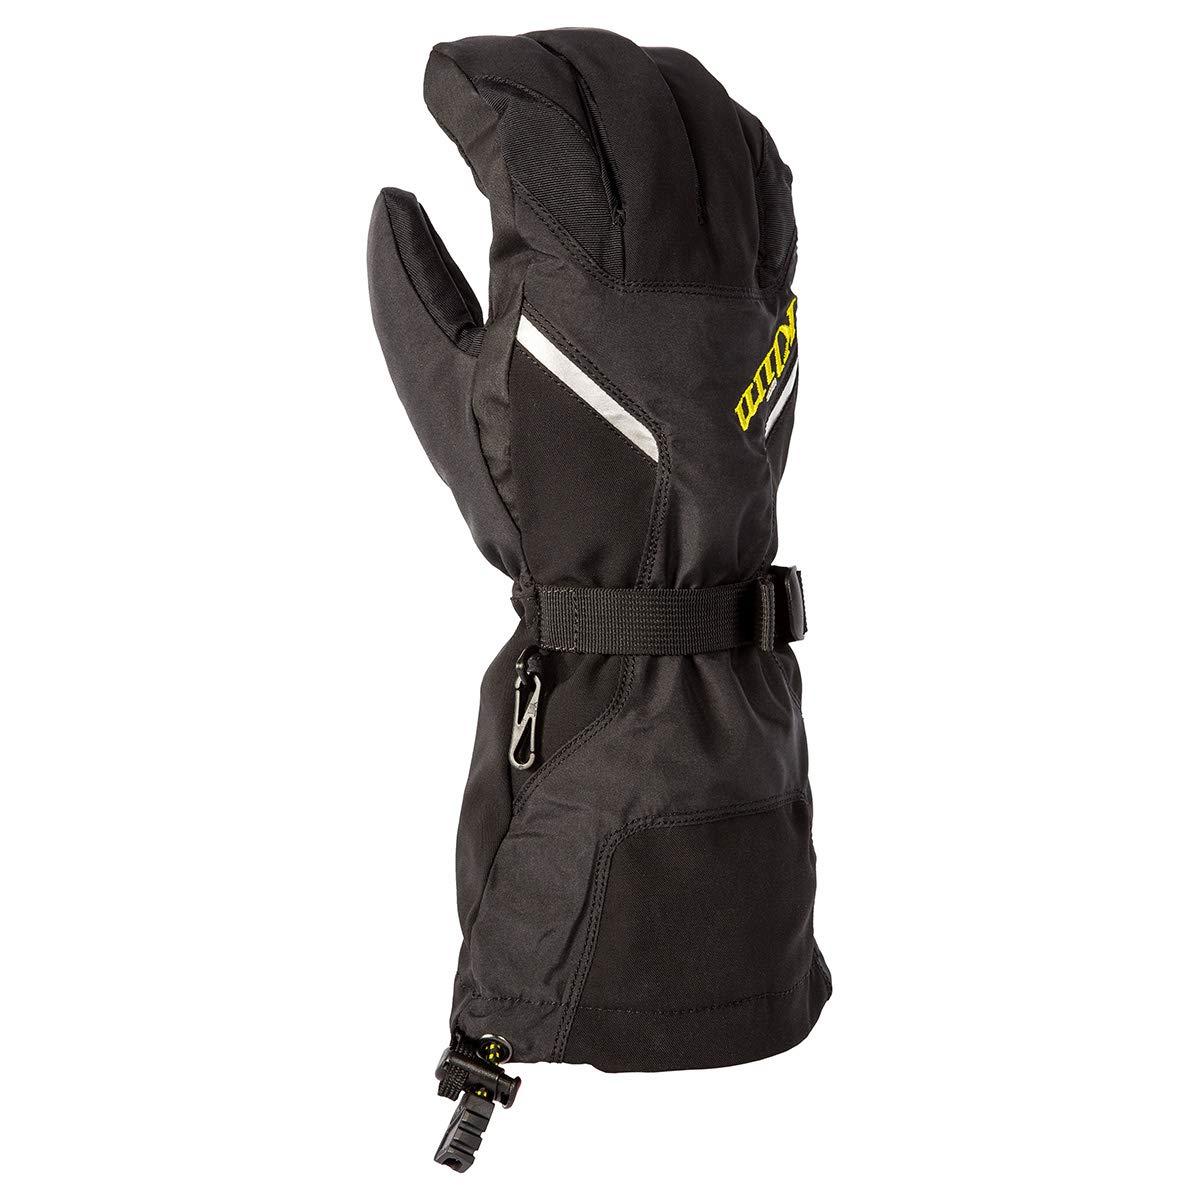 Klim Klimate グローブ スキー スノーモービル メンズ - ブラック 3X-Large ブラック 3239-003-170-000 B013NRRM1G 3X-Large|ブラック ブラック 3X-Large